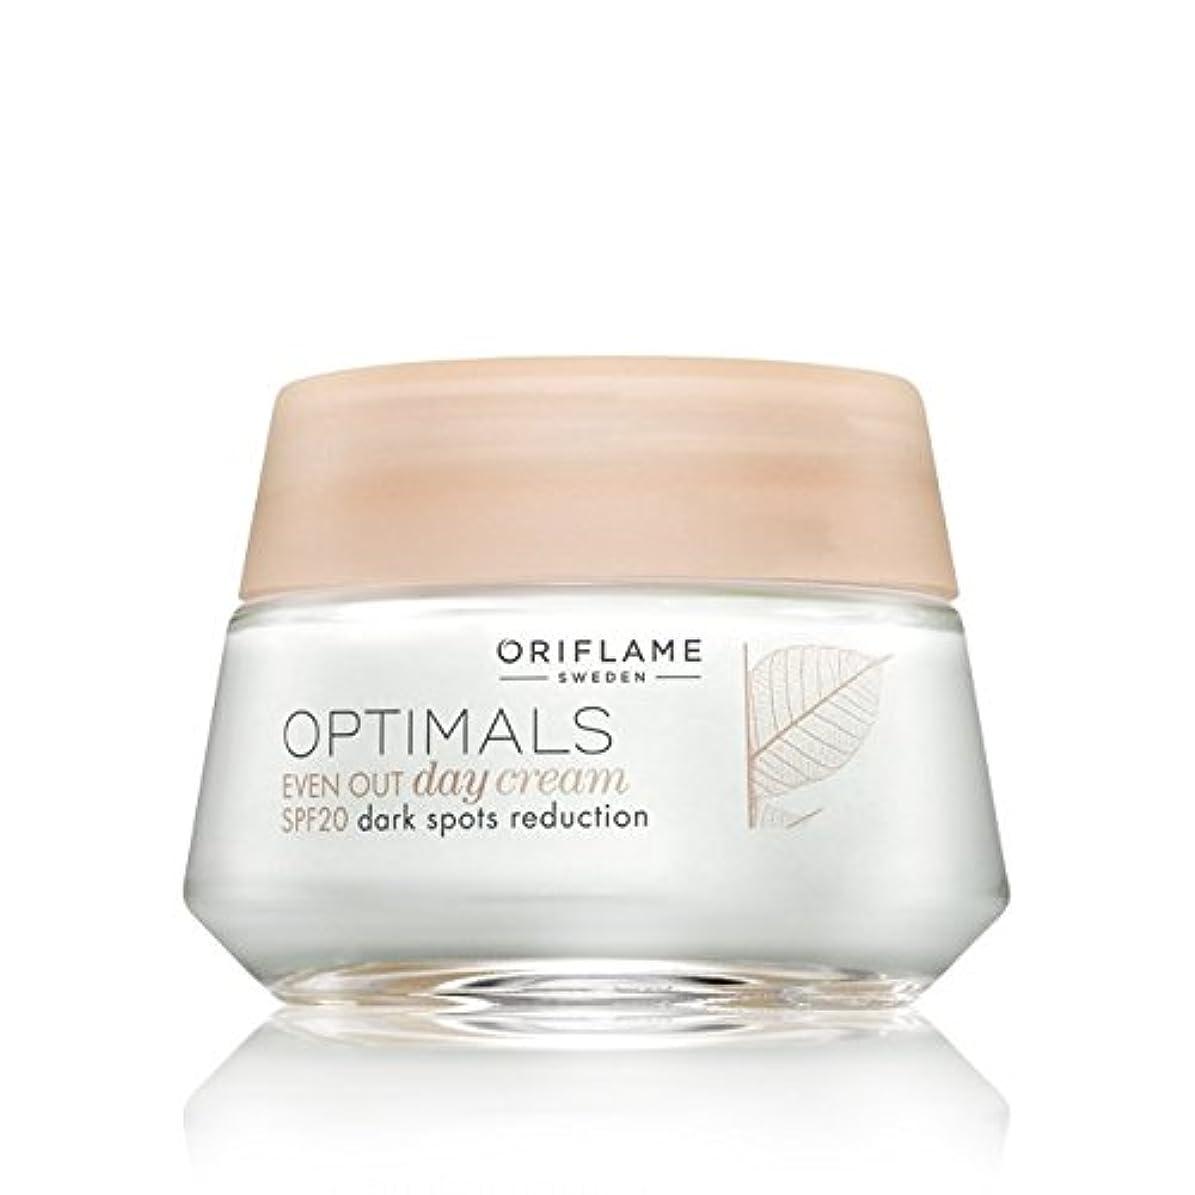 旋律的発音するセッティングOriflame Optimals SPF 20 Dark Spot Reduction Even Out Day Cream, 50ml